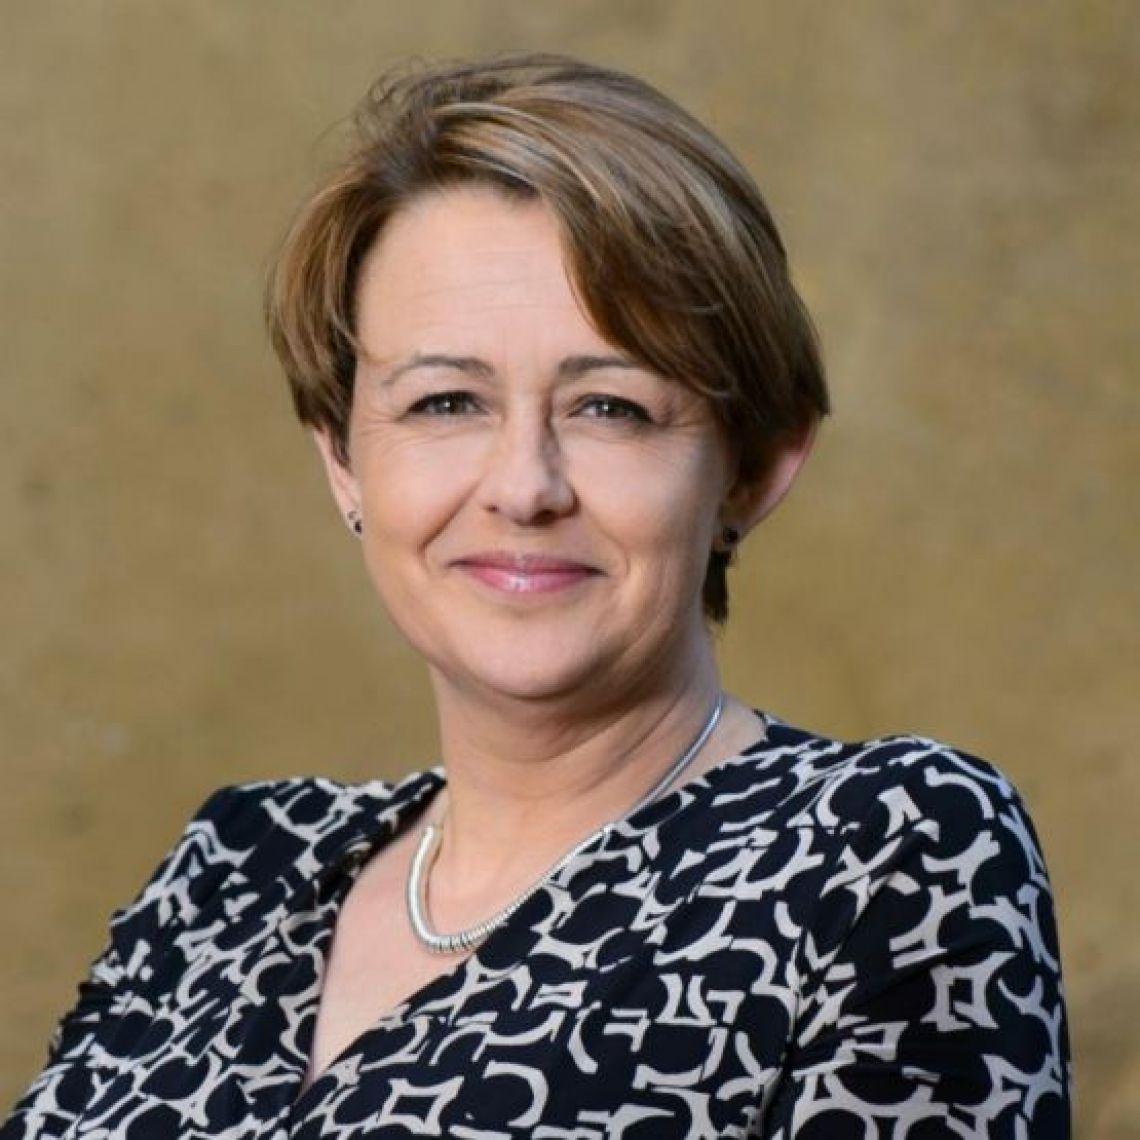 Foreward by Baroness Tanni Grey Thompson